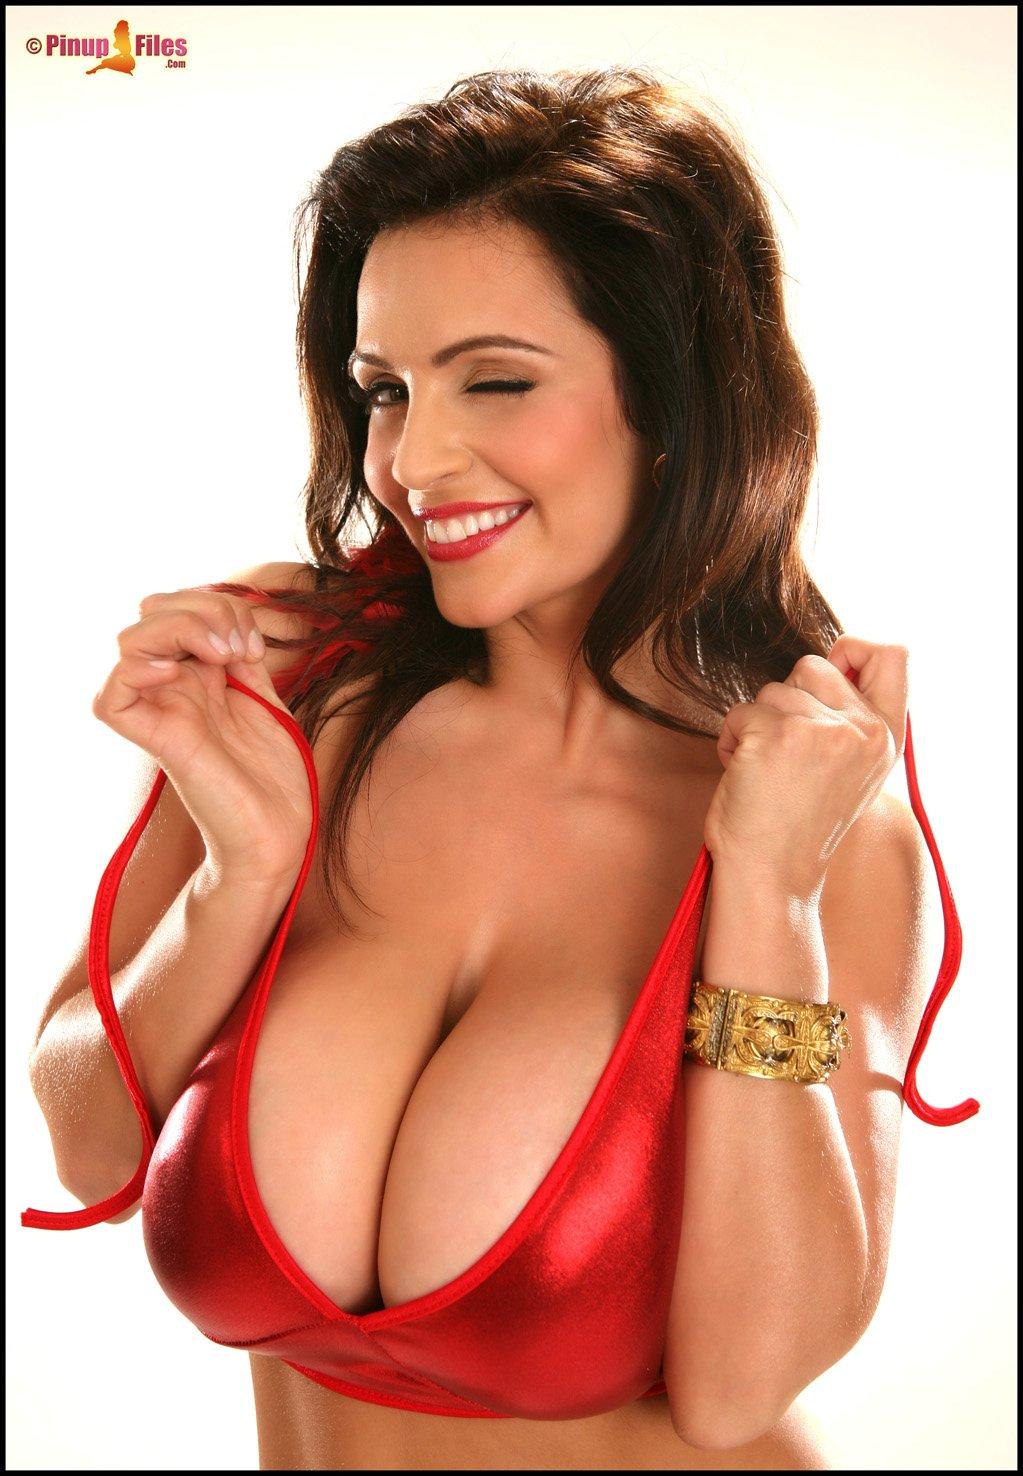 Denise milani pornstarbook